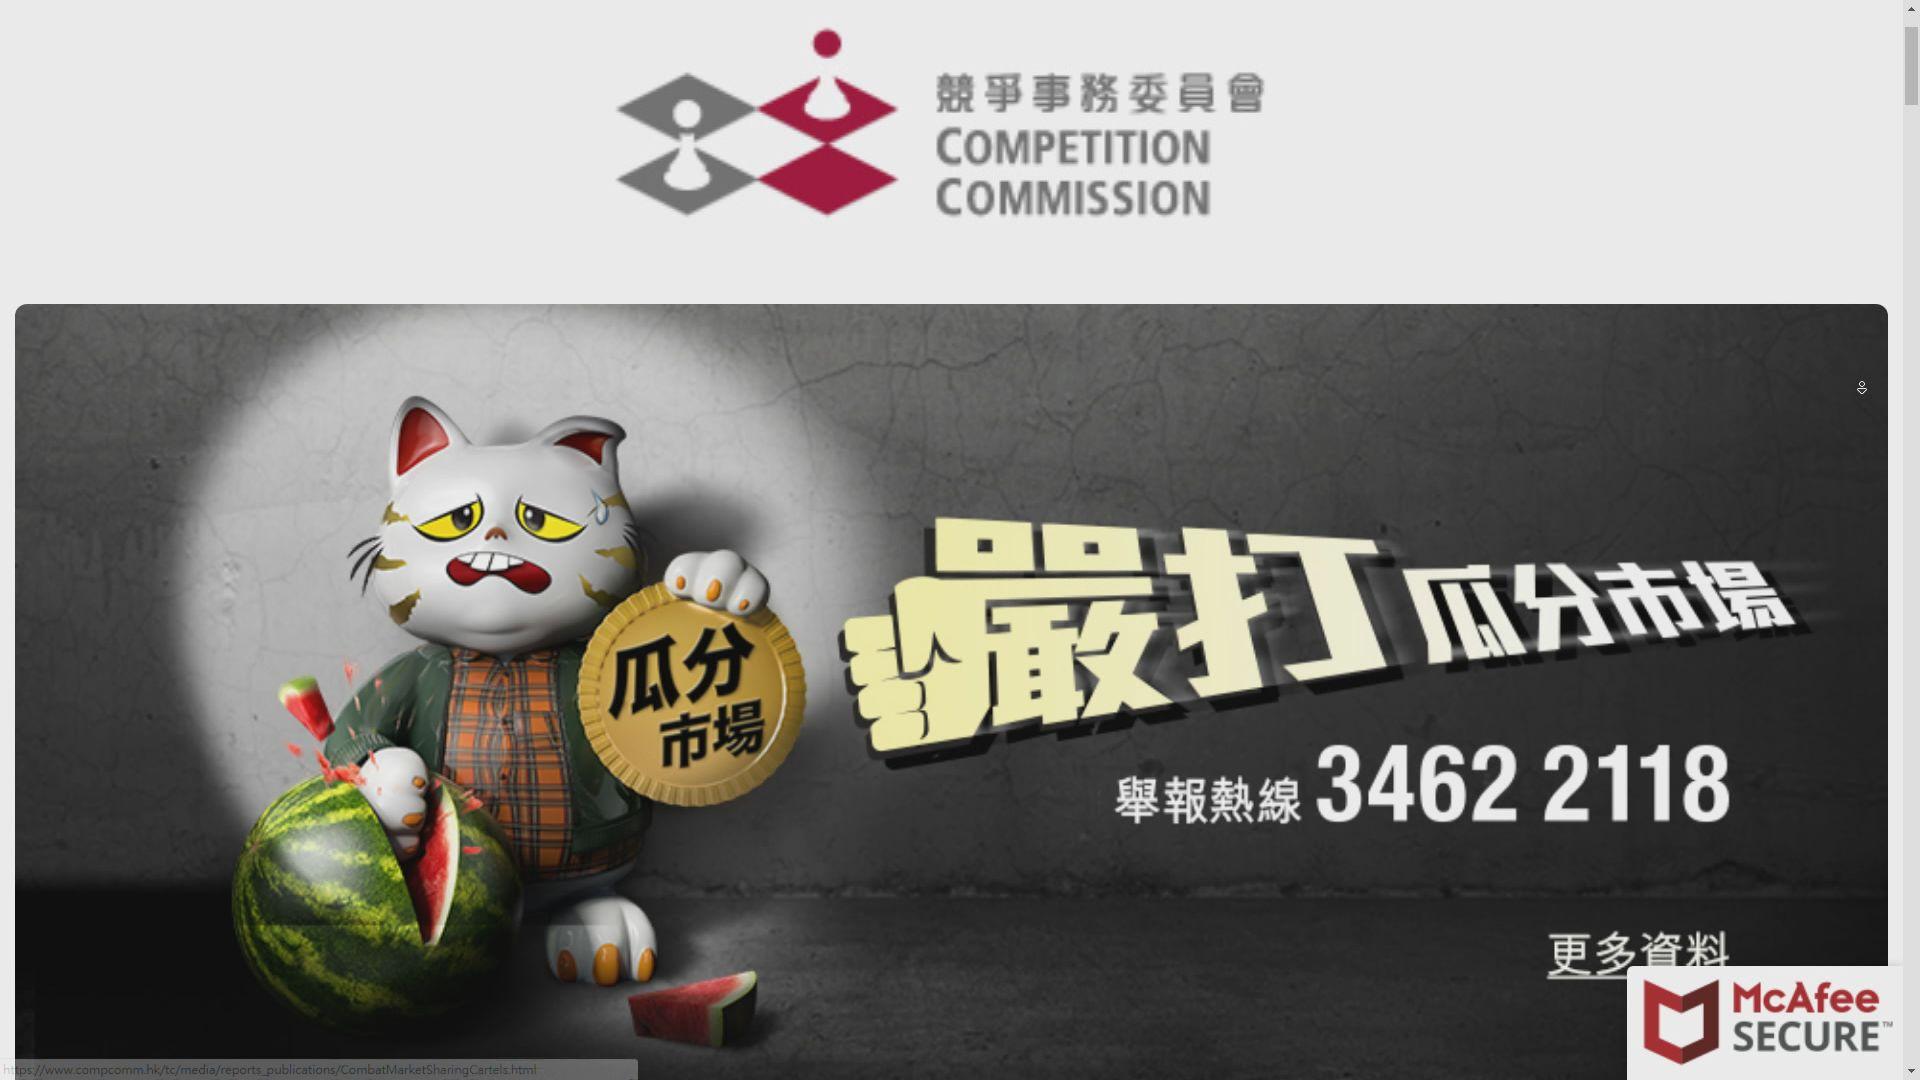 【違反條例?】競爭事務委員會調查「香港海港聯盟」